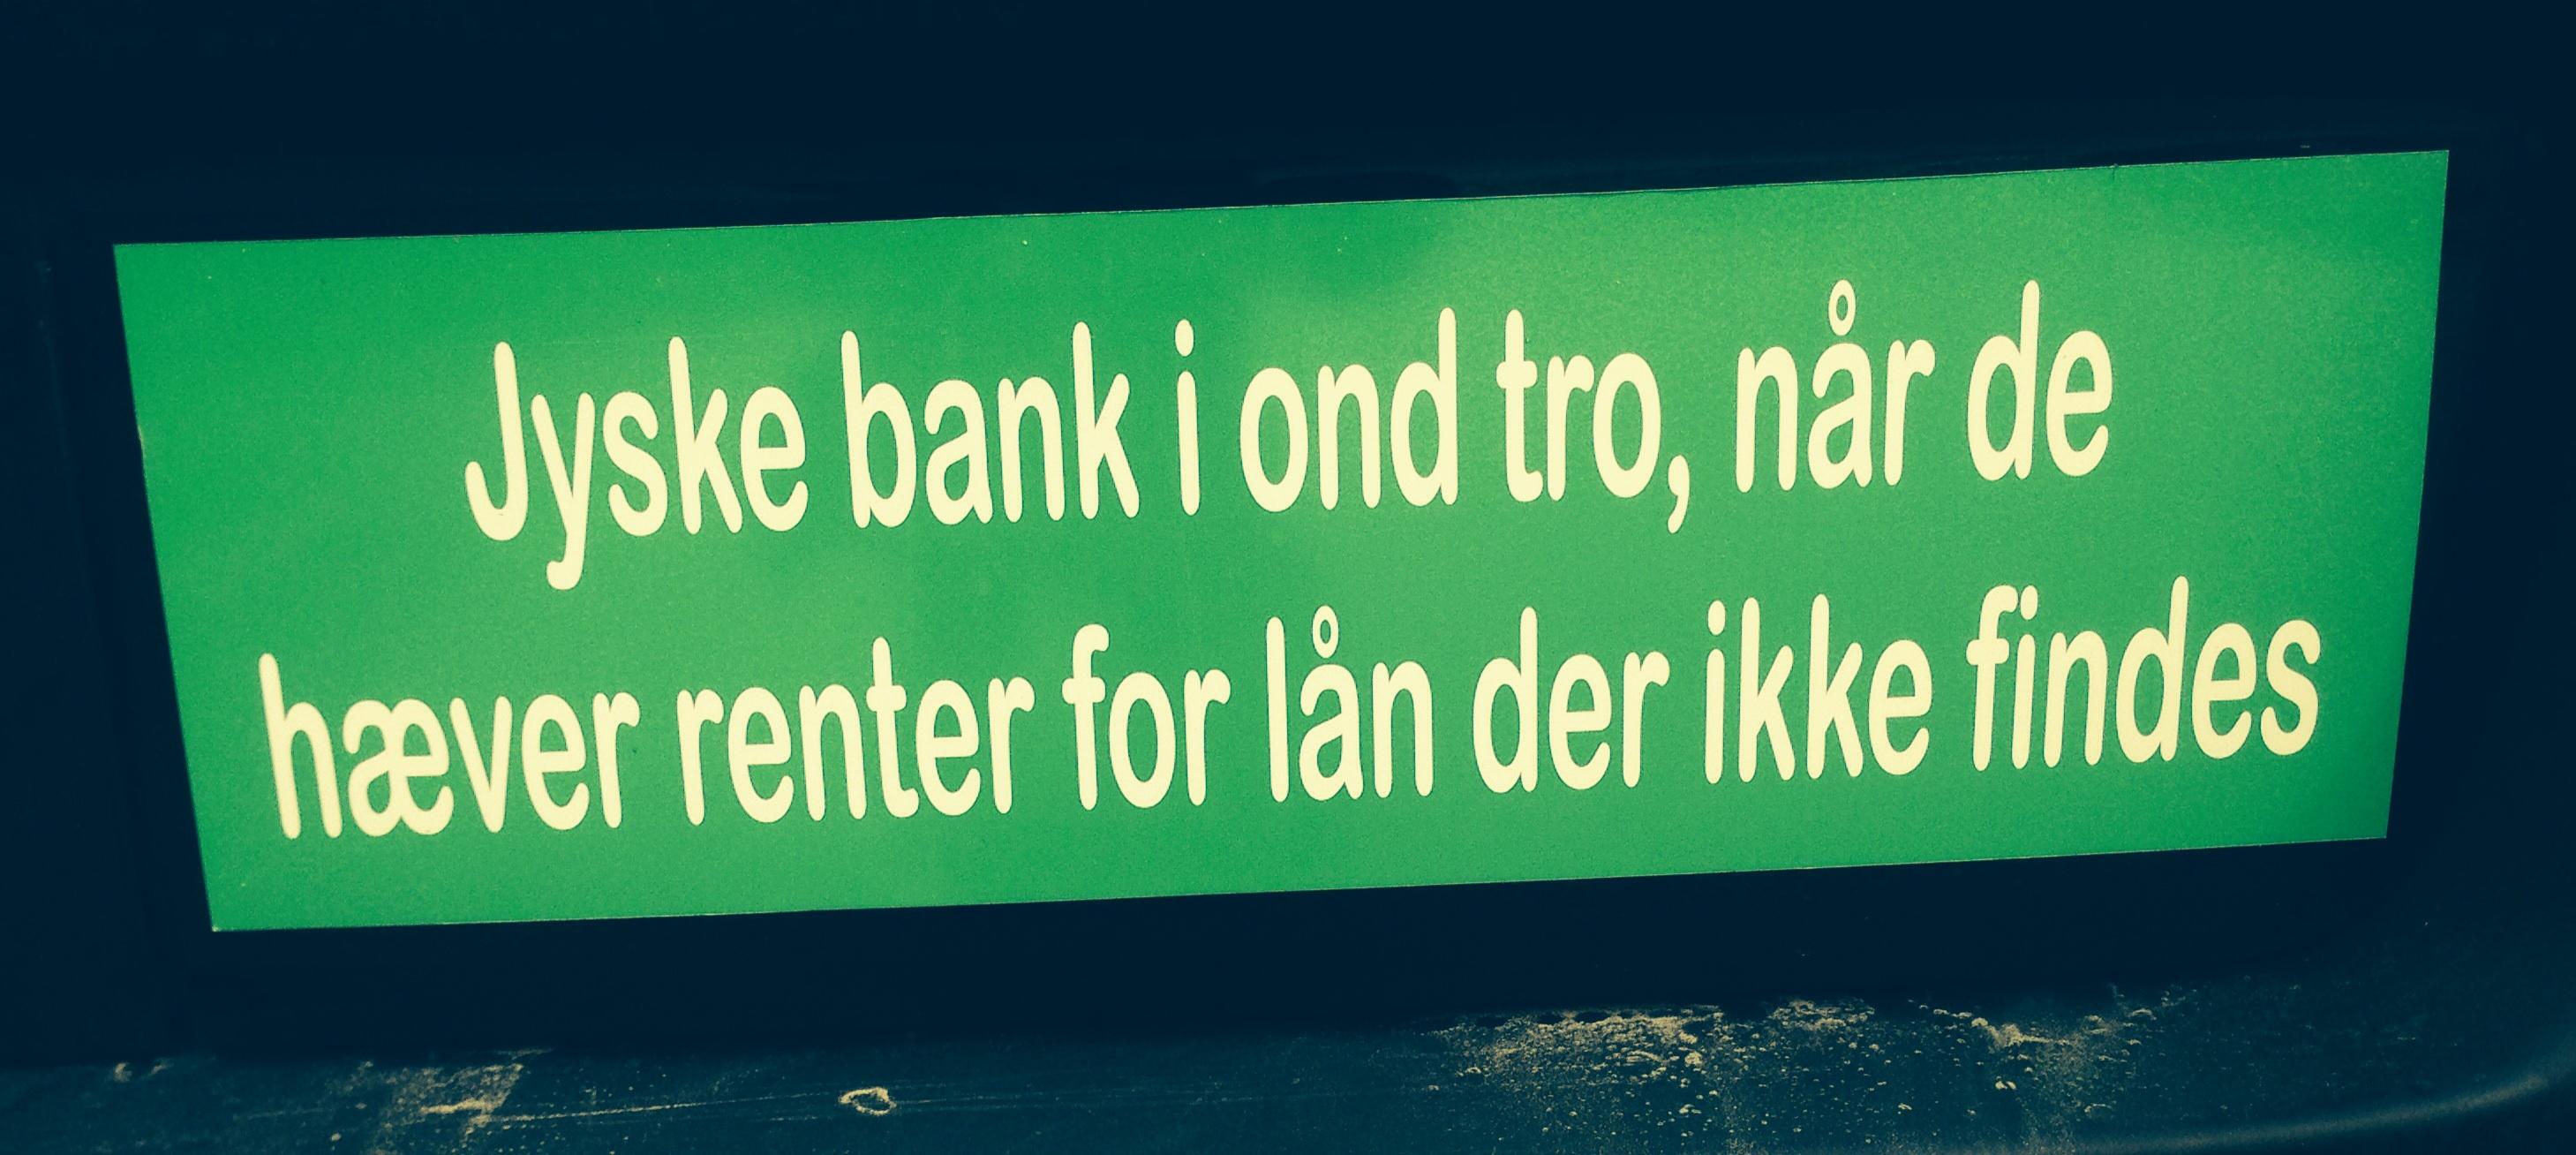 Den danske bank nærmer beskrevet den bedrageriske svindeler  bank, jyske bank i ond tro når banken bevist bedrager kunder